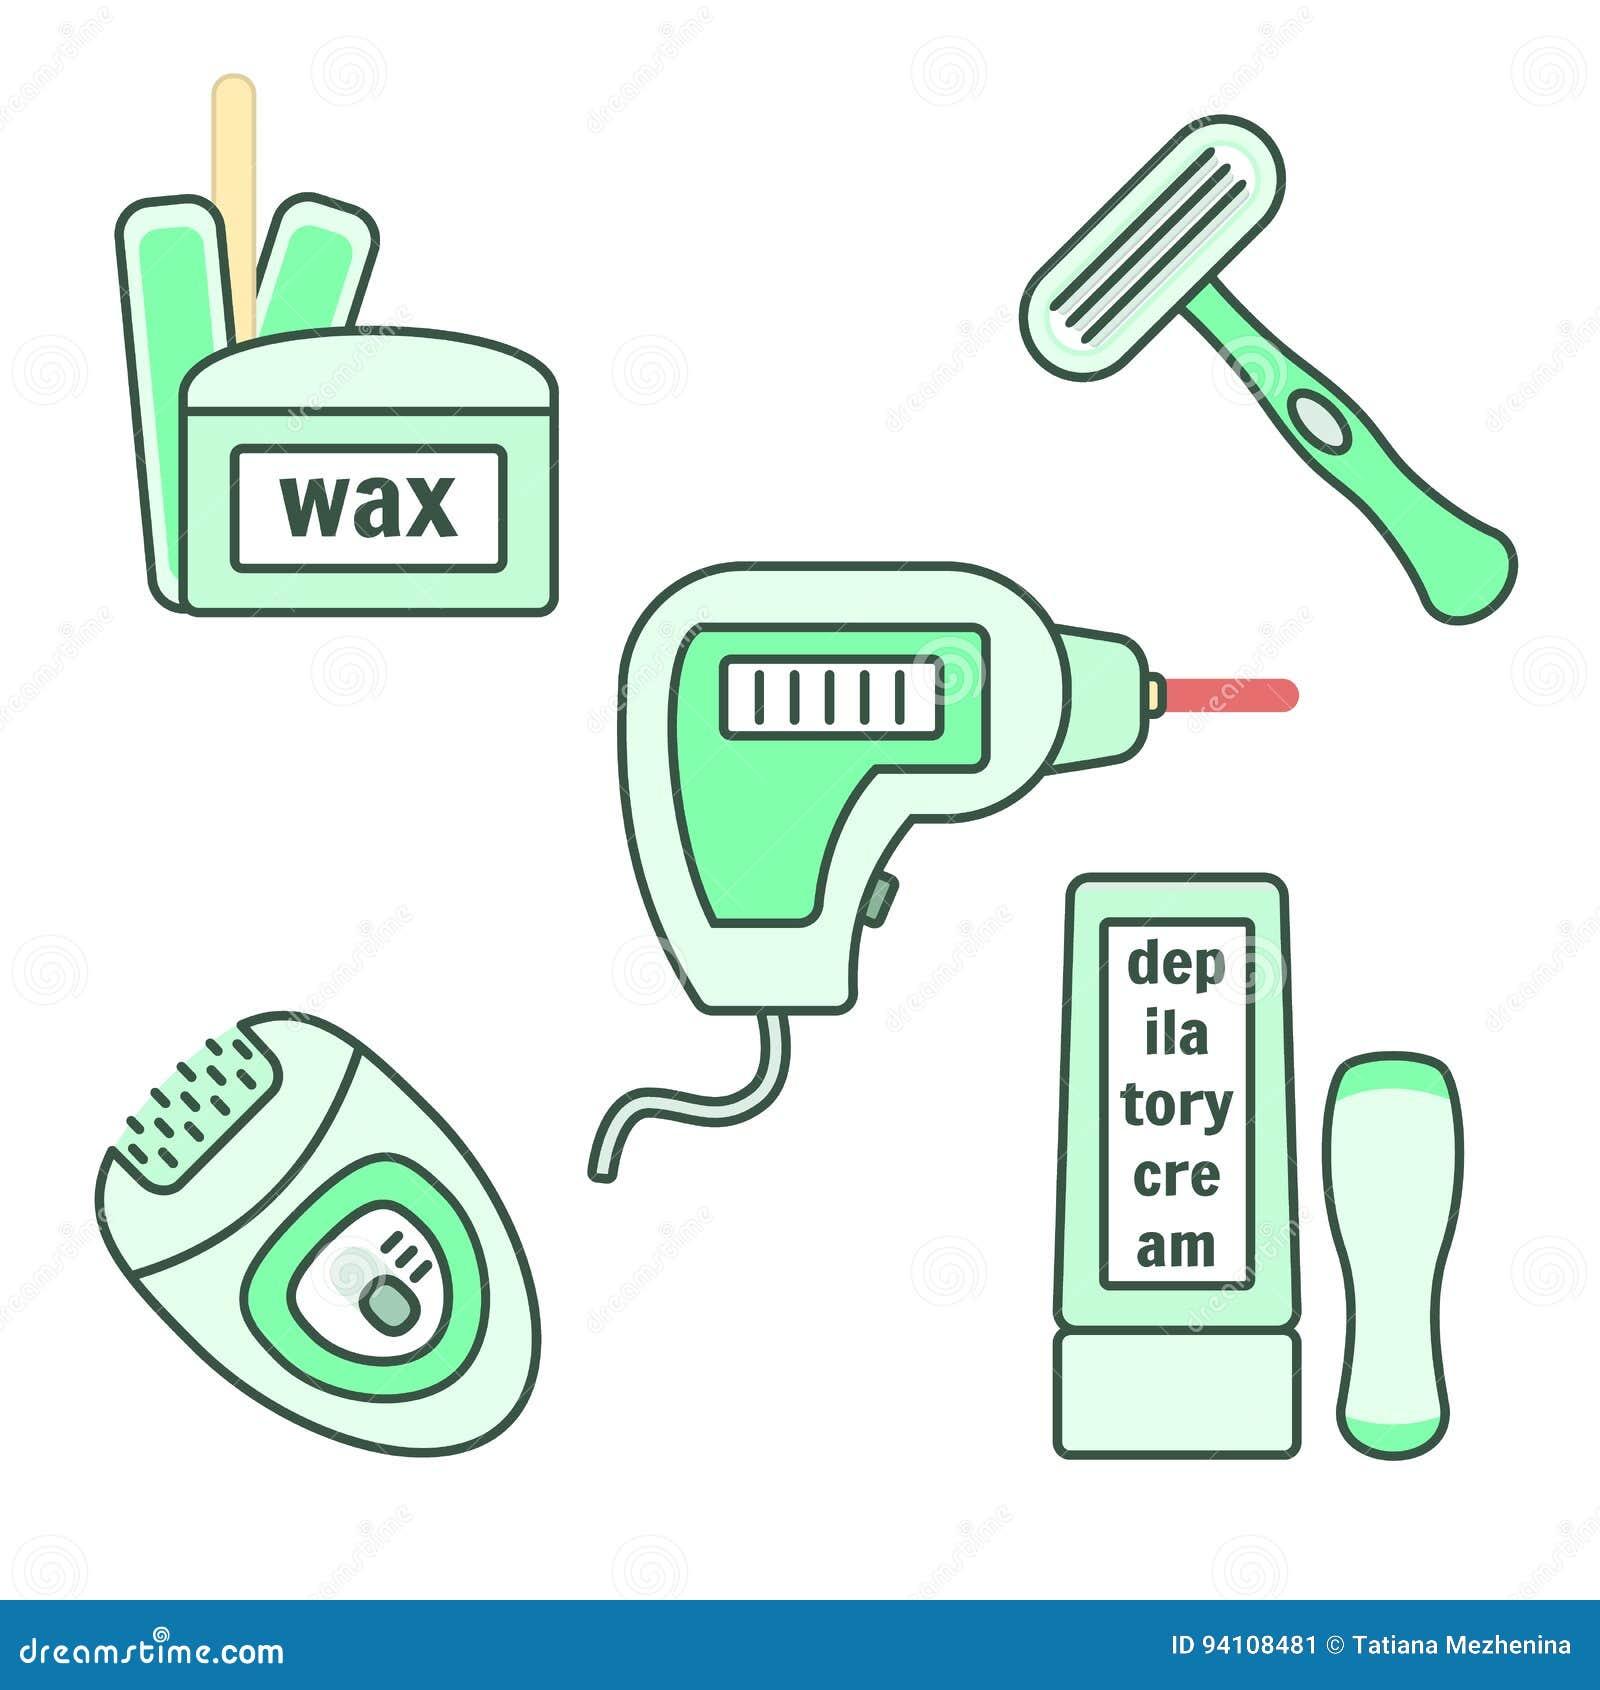 depilation and epilation instruments set stock illustration image 94108481. Black Bedroom Furniture Sets. Home Design Ideas